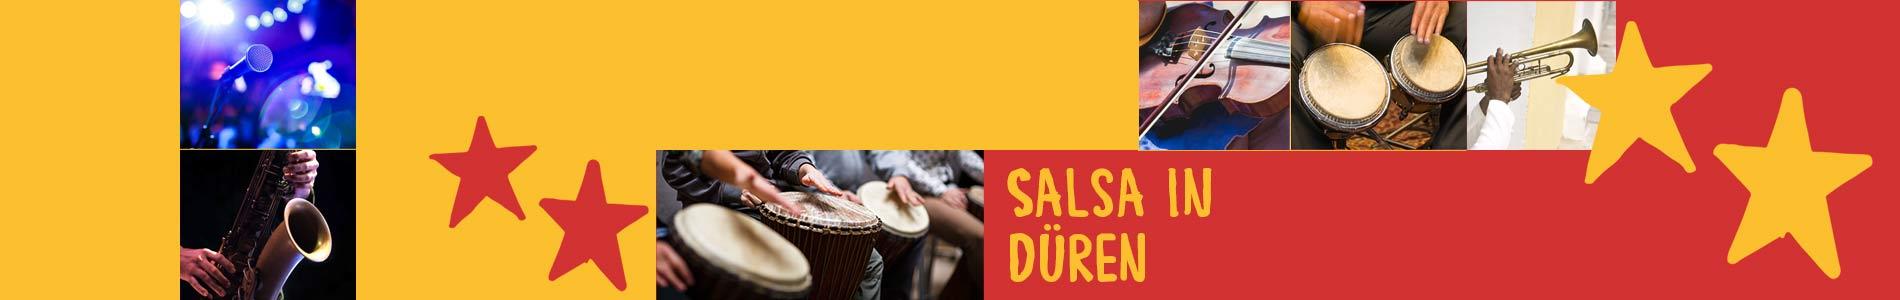 Salsa in Düren – Salsa lernen und tanzen, Tanzkurse, Partys, Veranstaltungen